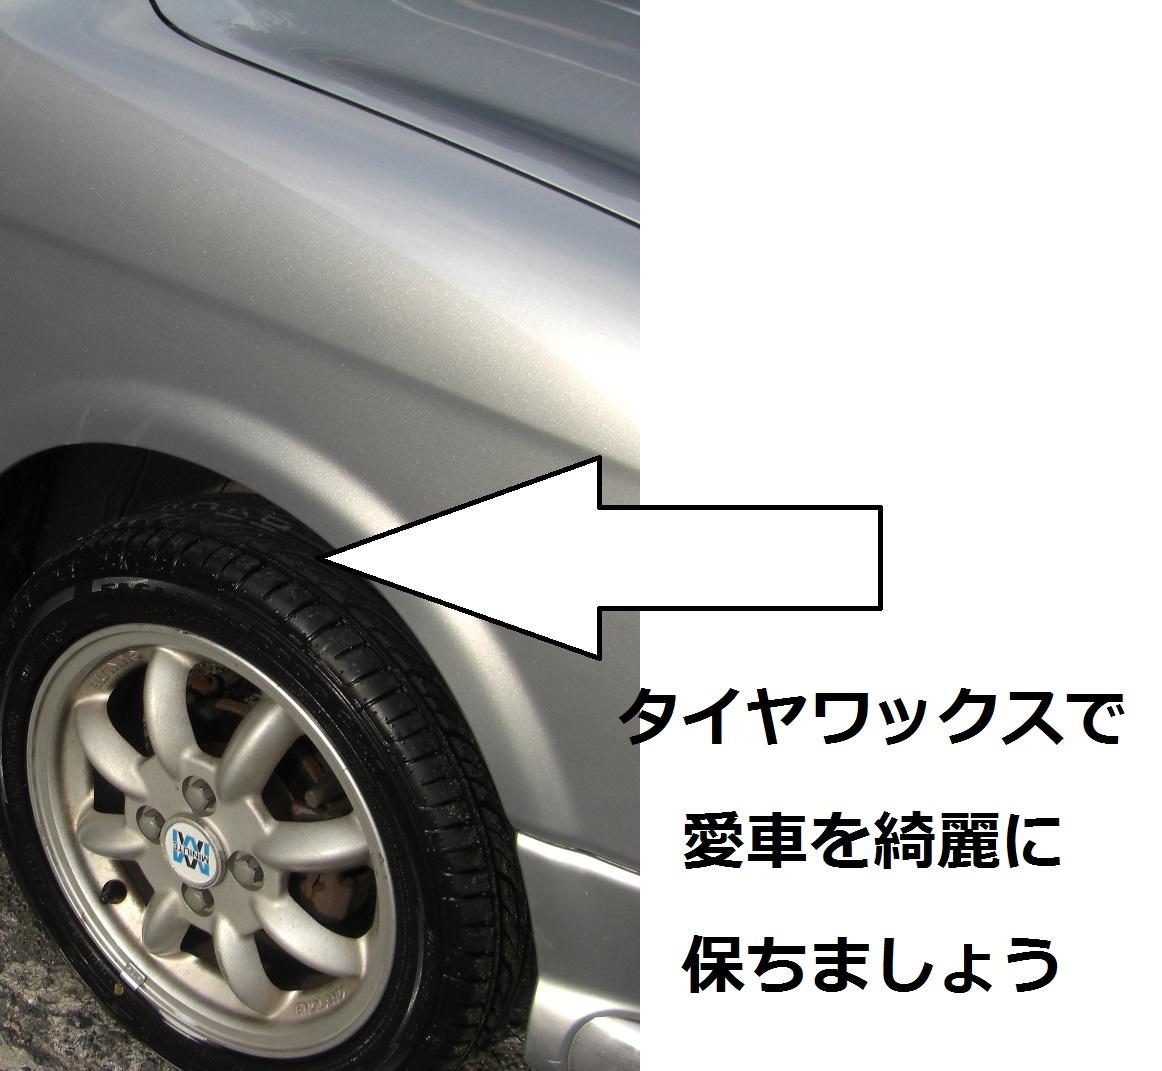 CIMG4521.JPG